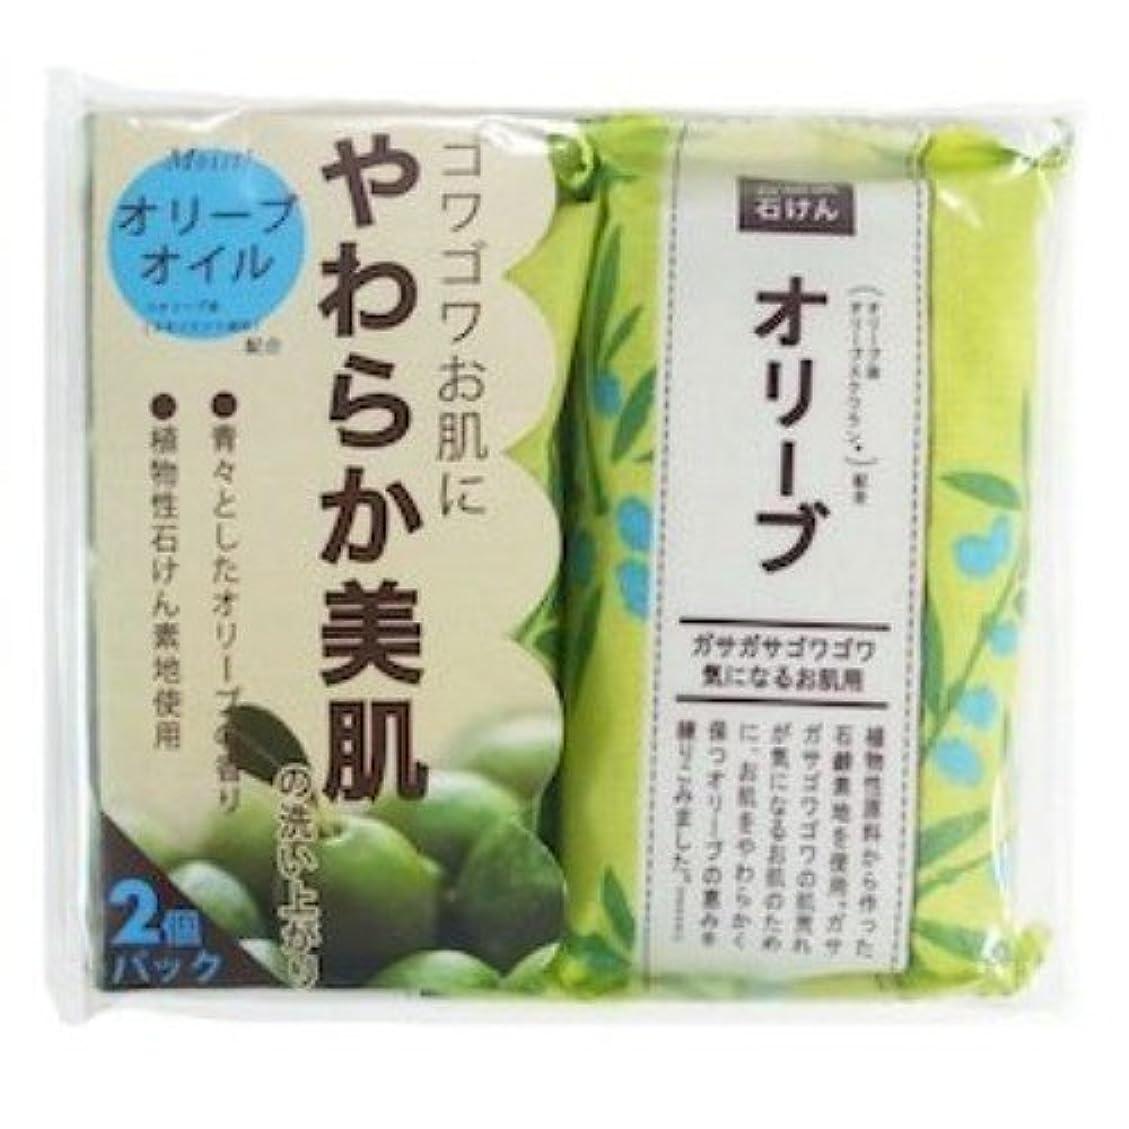 一般化するお気に入り集めるペリカン石鹸 自然派石けん オリーブ 100g×2個